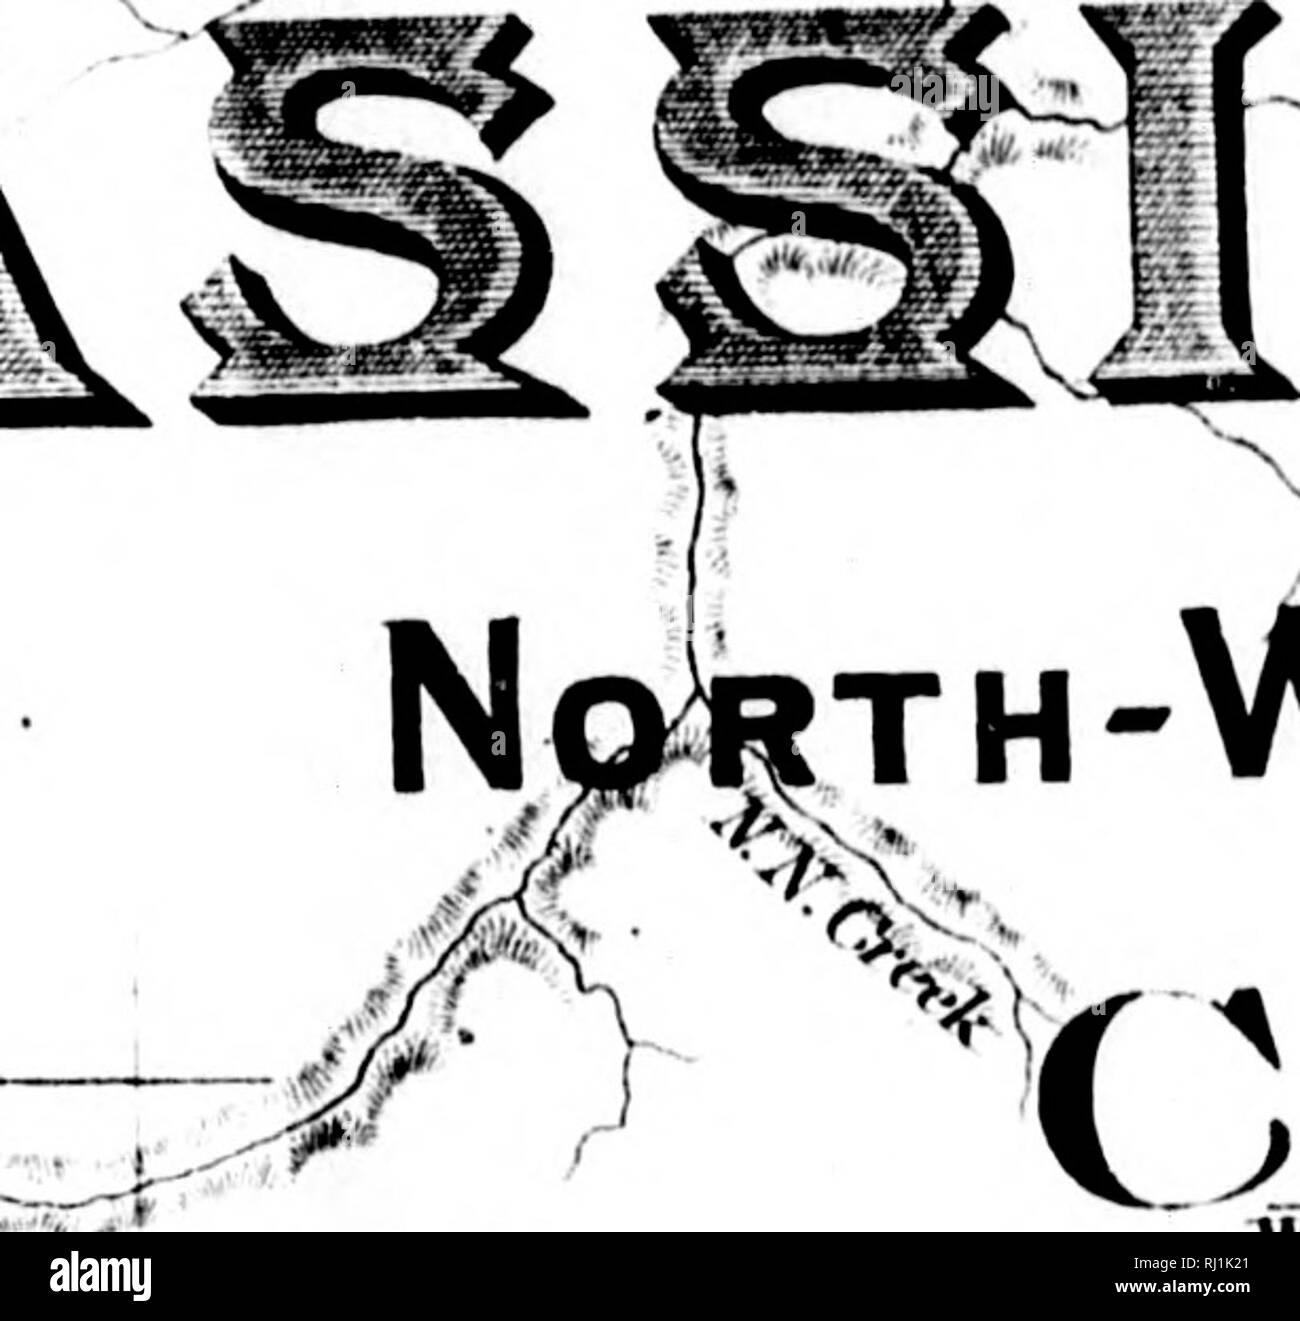 """. Ein paar Fakten unter Beachtung der Regina Bezirk in der großen Getreide wächst und der Viehzucht Provinz von Assiniboia, North-West Territories, Kanada [microform]. Landwirtschaft; Landwirtschaft. cm-ft^ iM^âi. Erklärungen. i-Â"""". Vi^i>Â""""'; ich ^>, k O/Reifen -- â¢â I I S'/o (j7.v Mt. iudcdBilire l^sts GtMiniiiicJif Hud aUier Thtils Ir^cjpvifih Linvs.... th-West CU^ Ji@ VERÖFFENTLICHT VON: uvtb miirj^^! Zu I25 I24! Ti5 i22 i21 j20! 19; 18; 17 I L (r 15, 4; 13, 12 11 9 I^I"""" J ?>) I J159! Hhtm - fi ncfrnxlinq zu Handeln ol VnrliumrnI oV Cnimcl., ich Hw-y,;, r/. V. S'. V, Uy â ¢ /. Ist die Kappe Stockbild"""